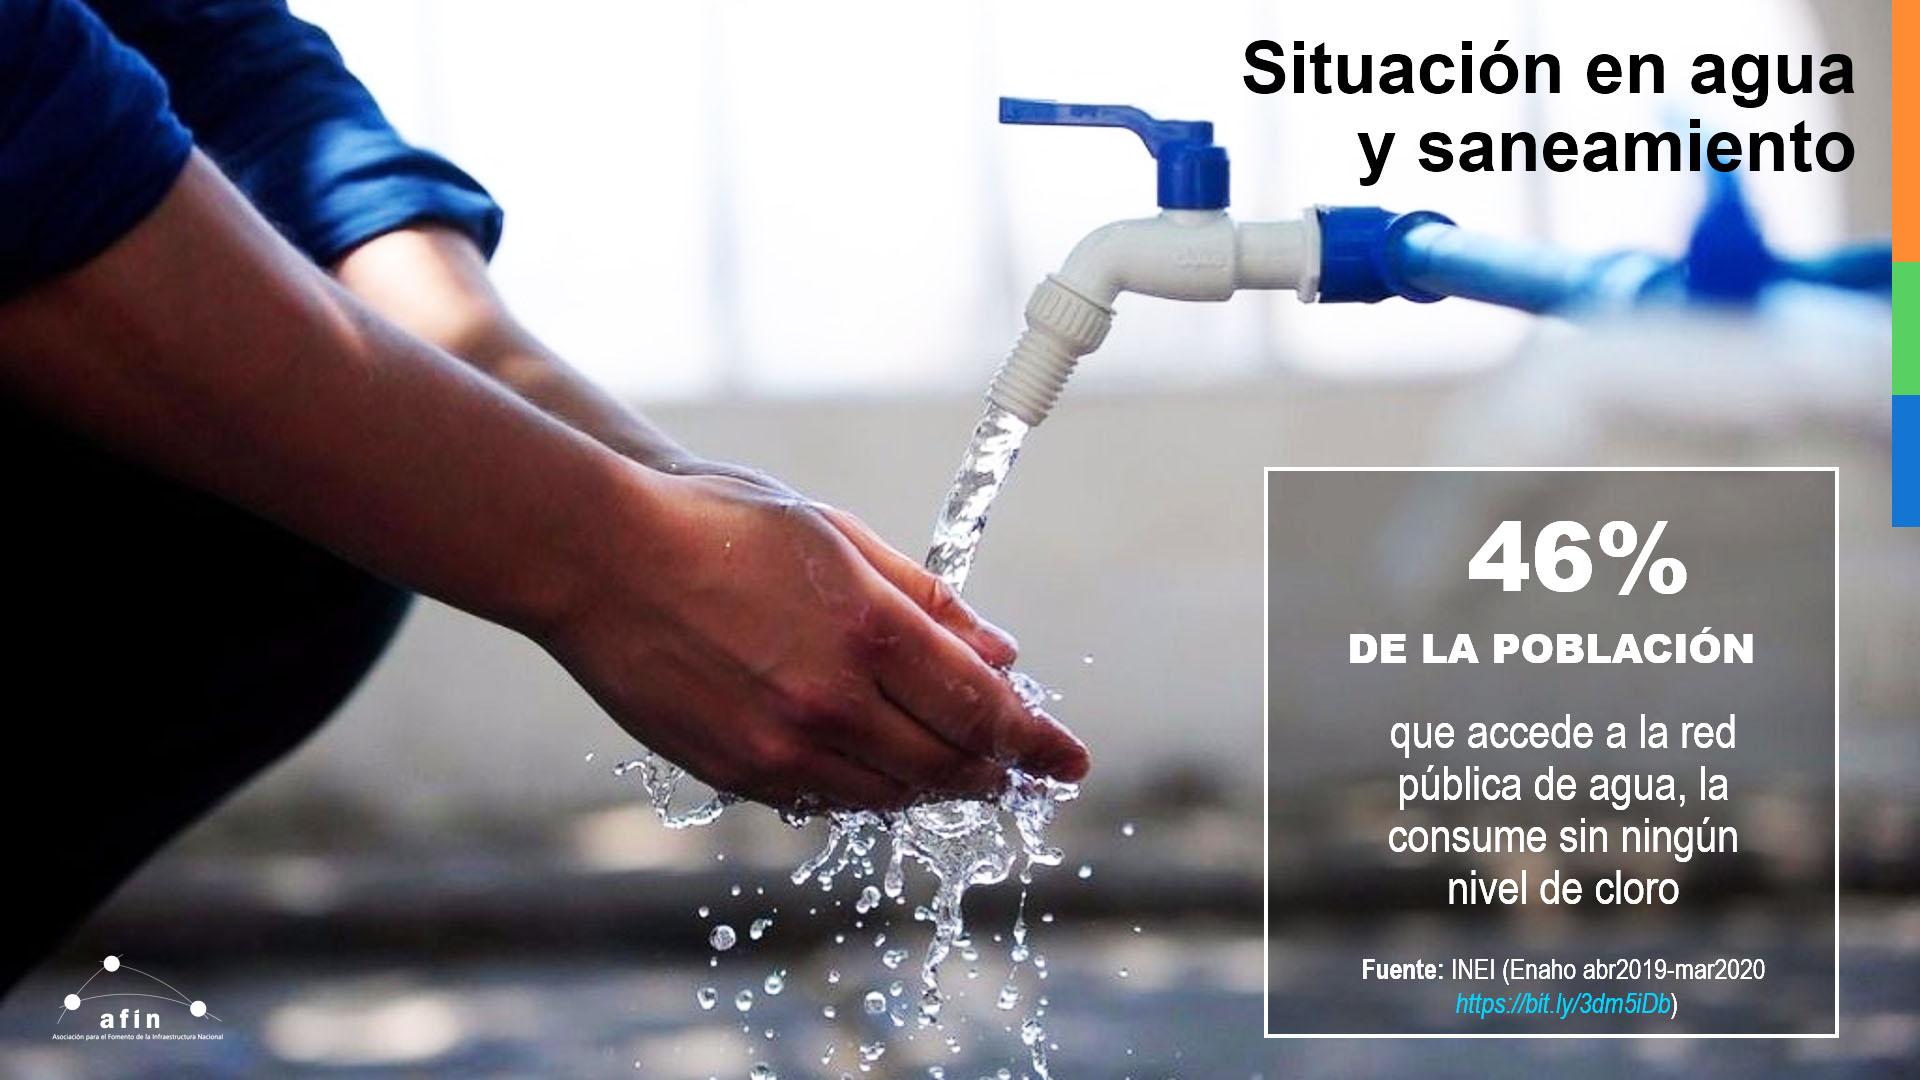 Situación del agua y saneamiento